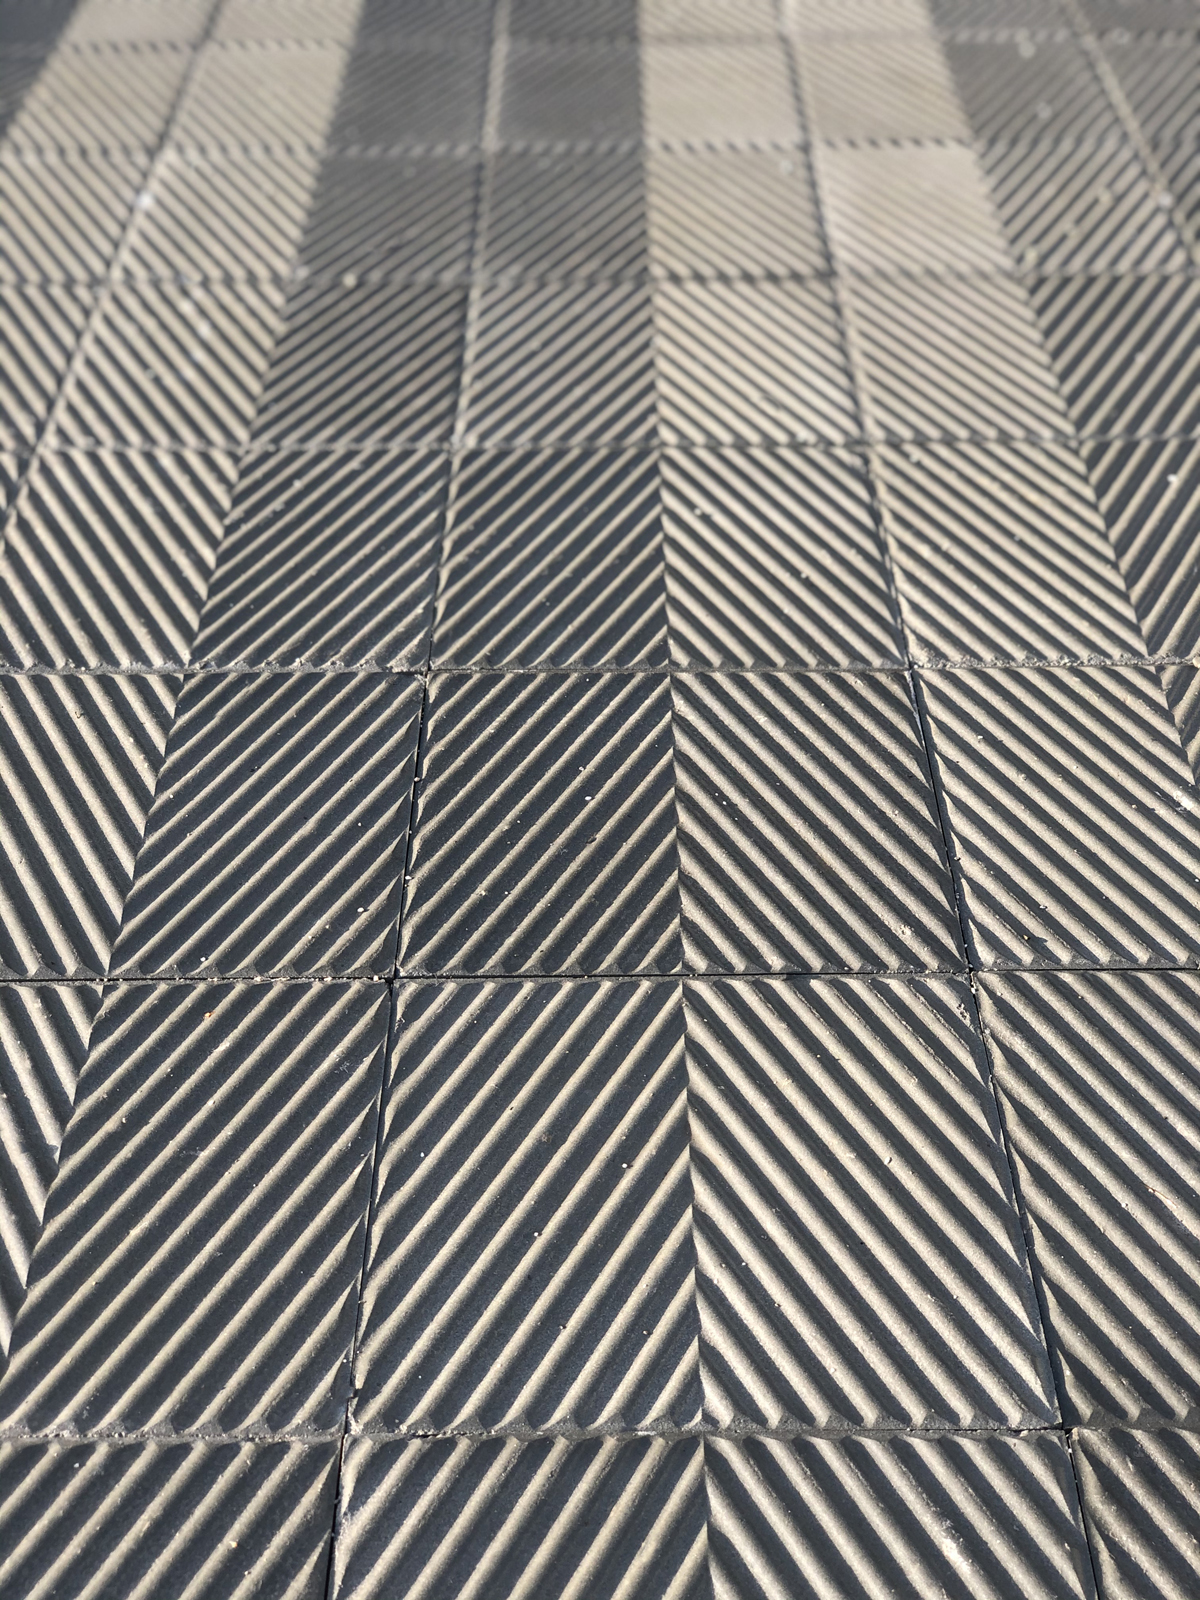 trottoirplatte-nr.AP11-viaplatten | AP11